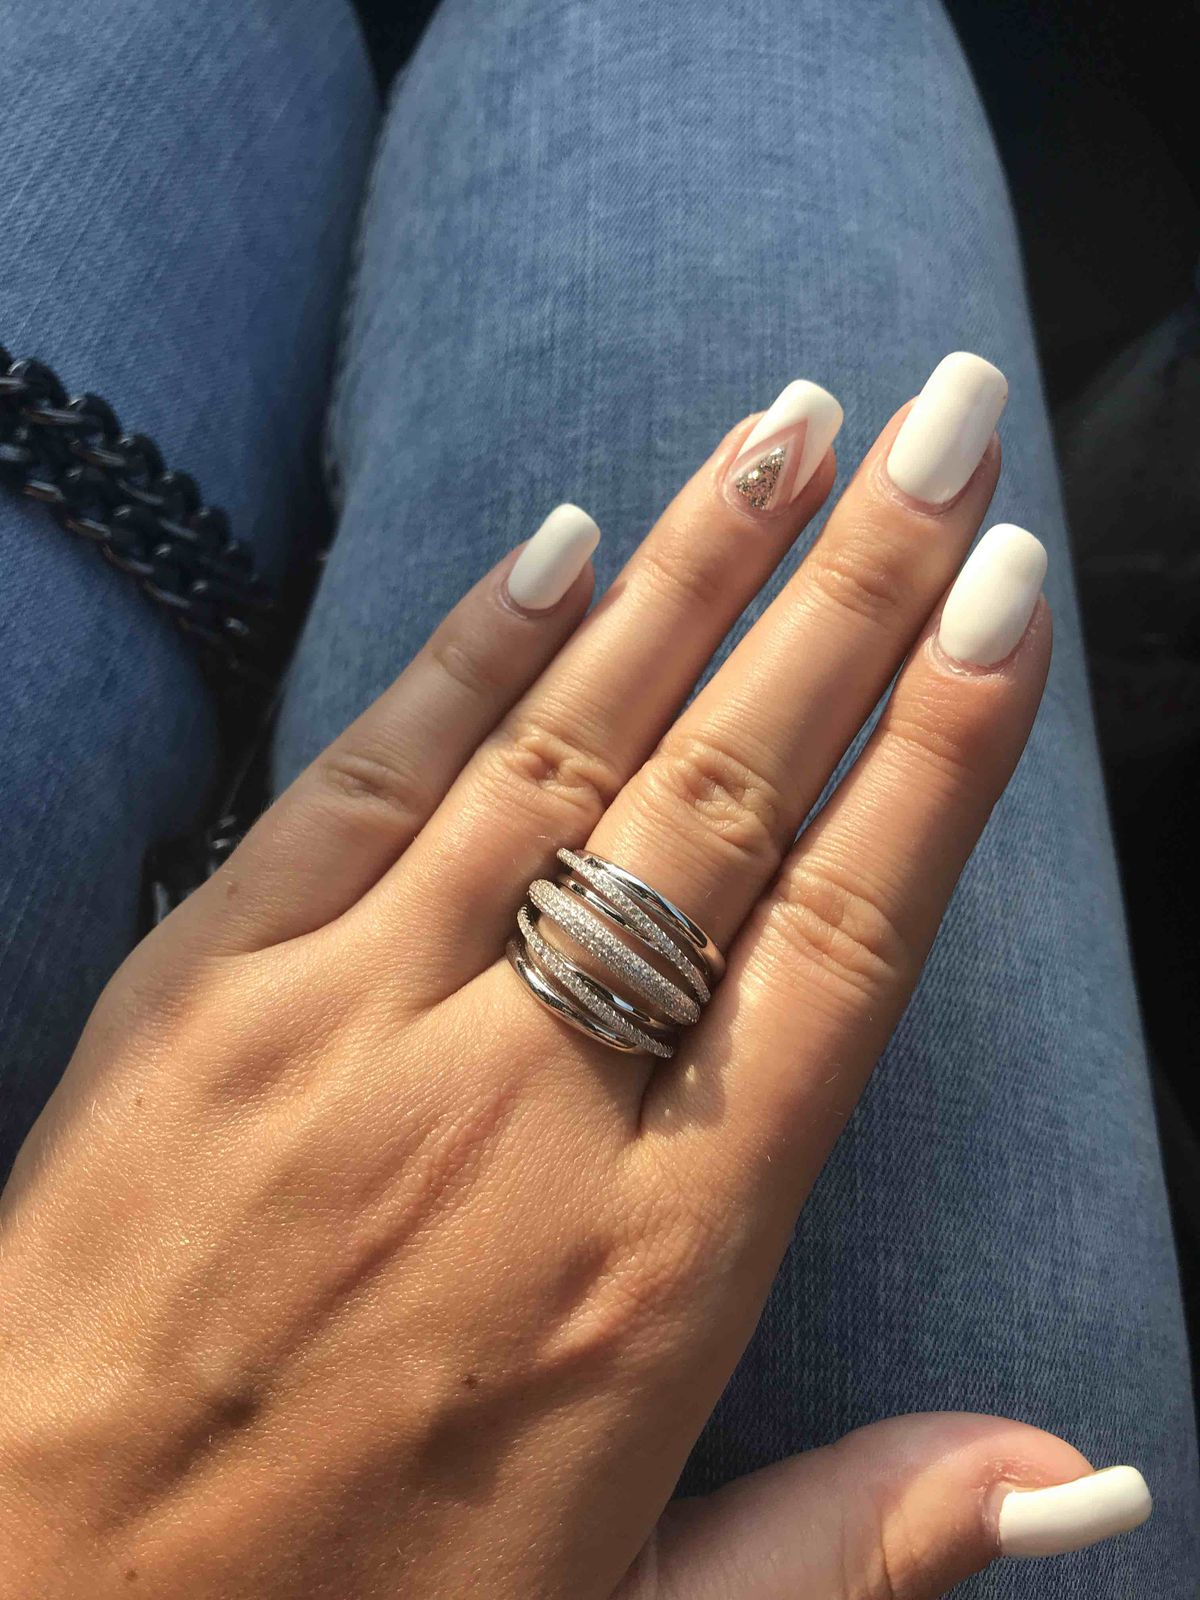 Очень симпатичное кольцо за такую стоимость.